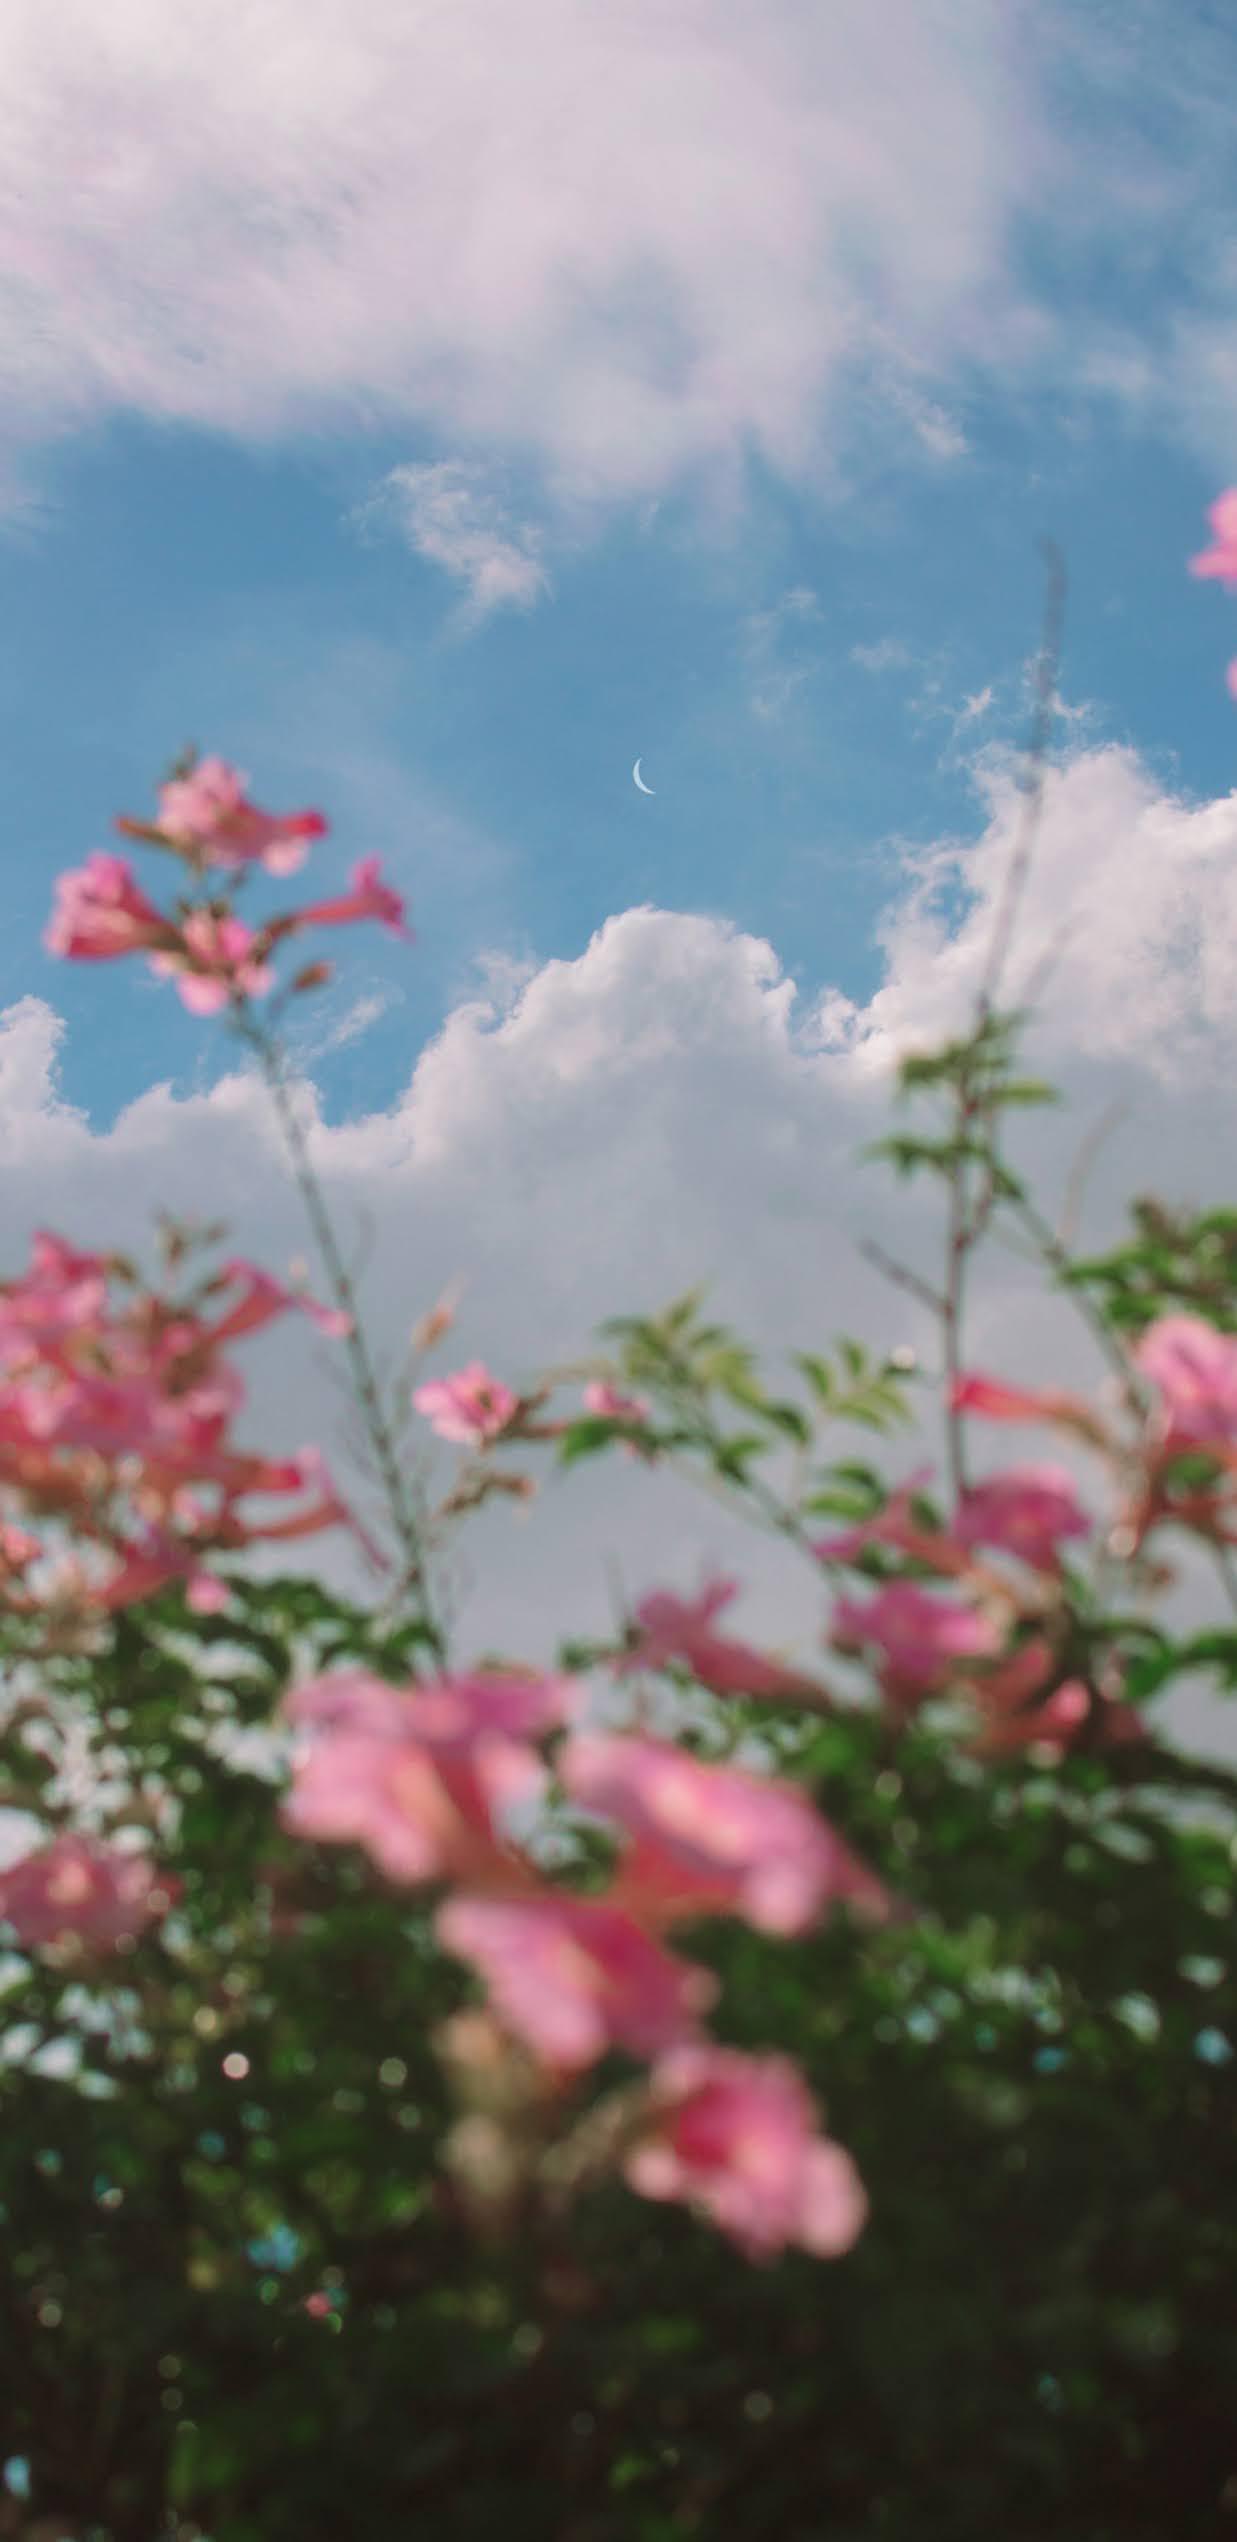 Hoa hồng dưới ánh trăng giữa bầu trời xanh